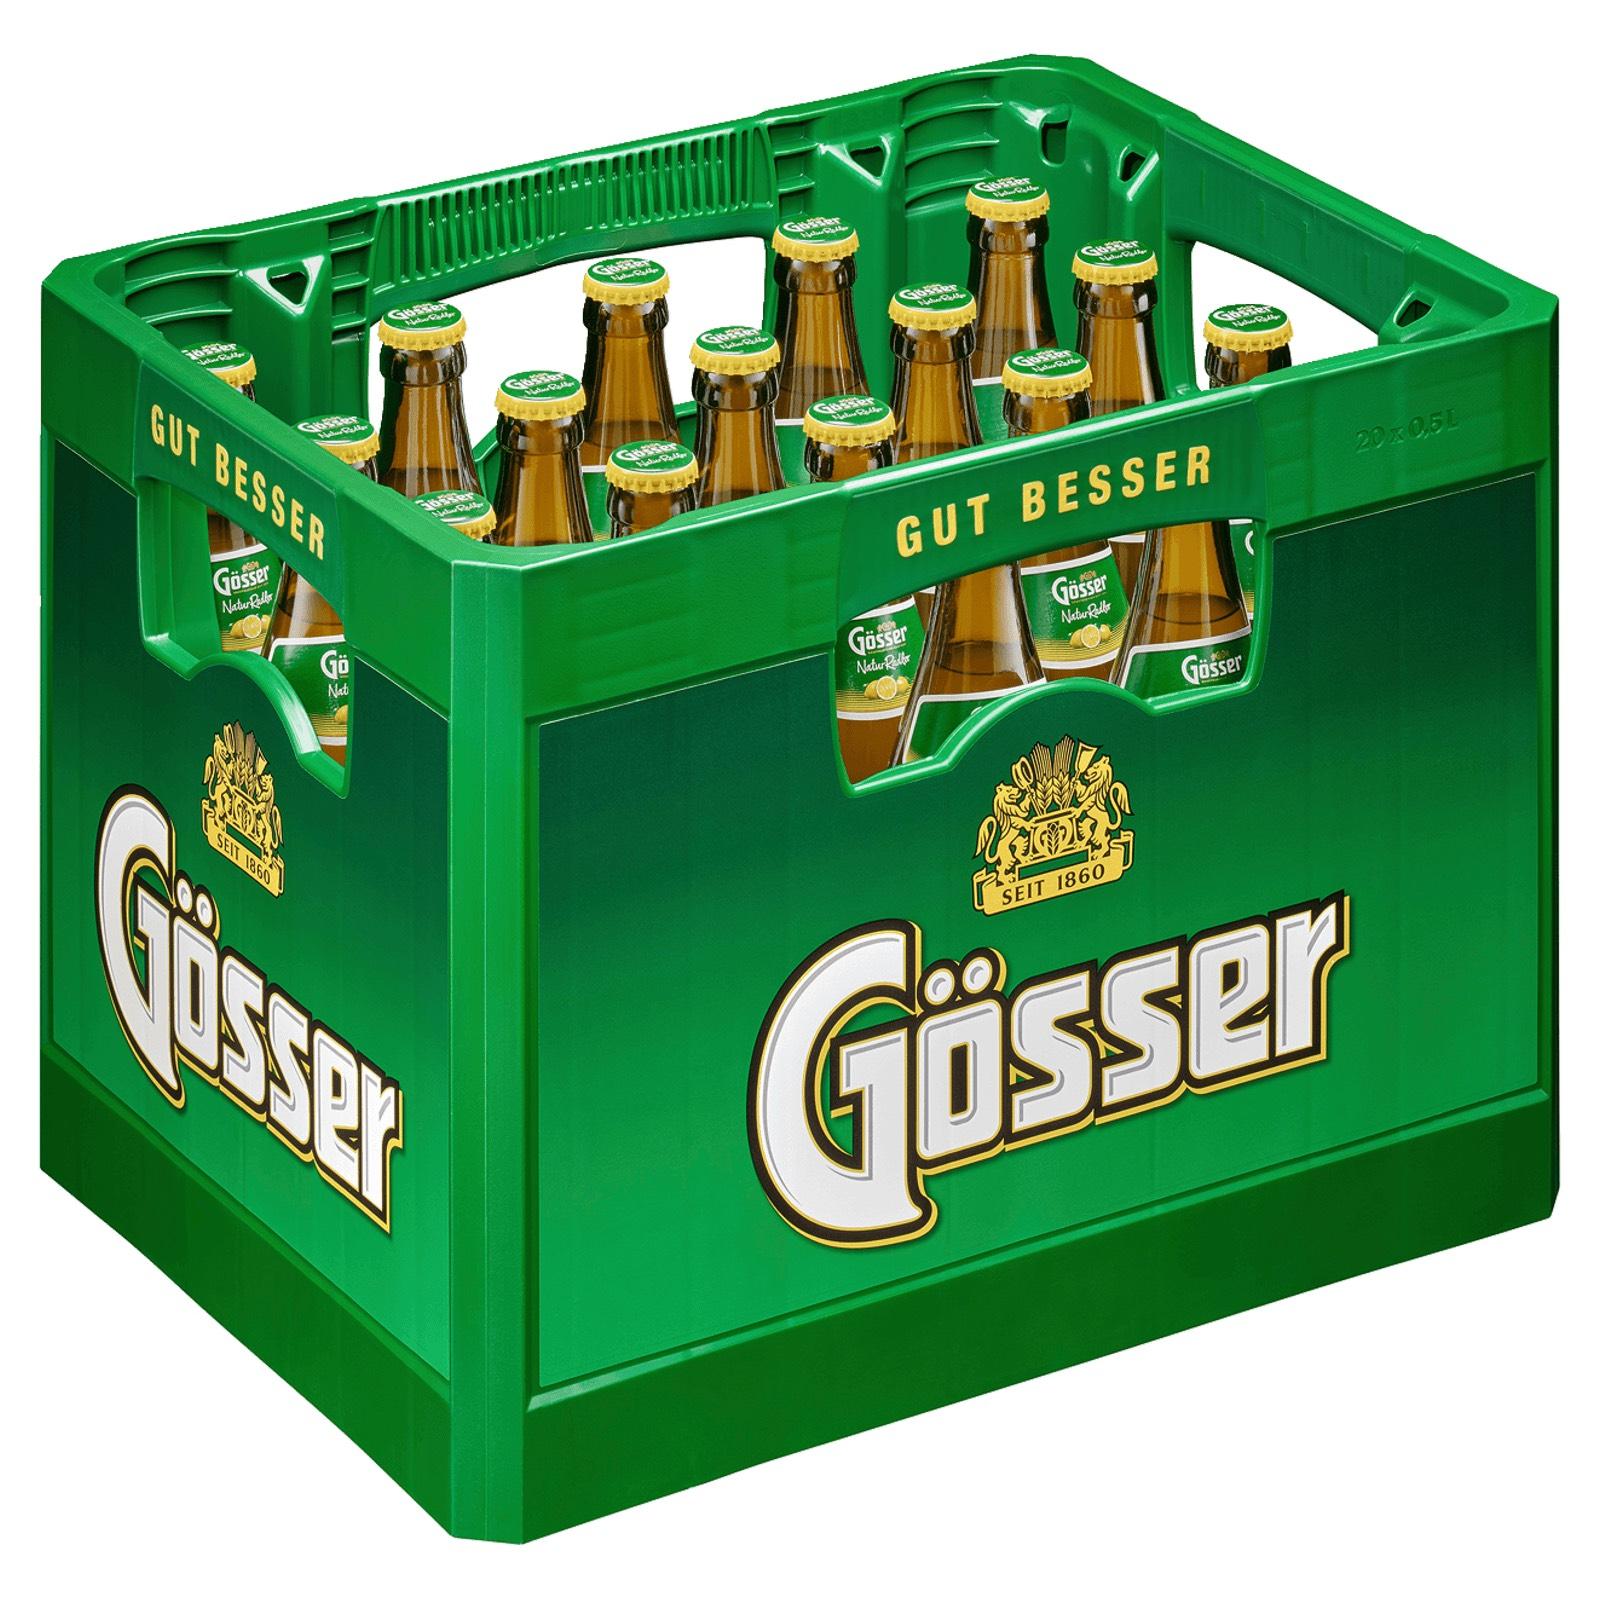 [Marktkauf Nord] Kiste Gösser Naturradler 20x0.5l für 12.99€   Kiste Heineken 20x0.4l für 12.99€